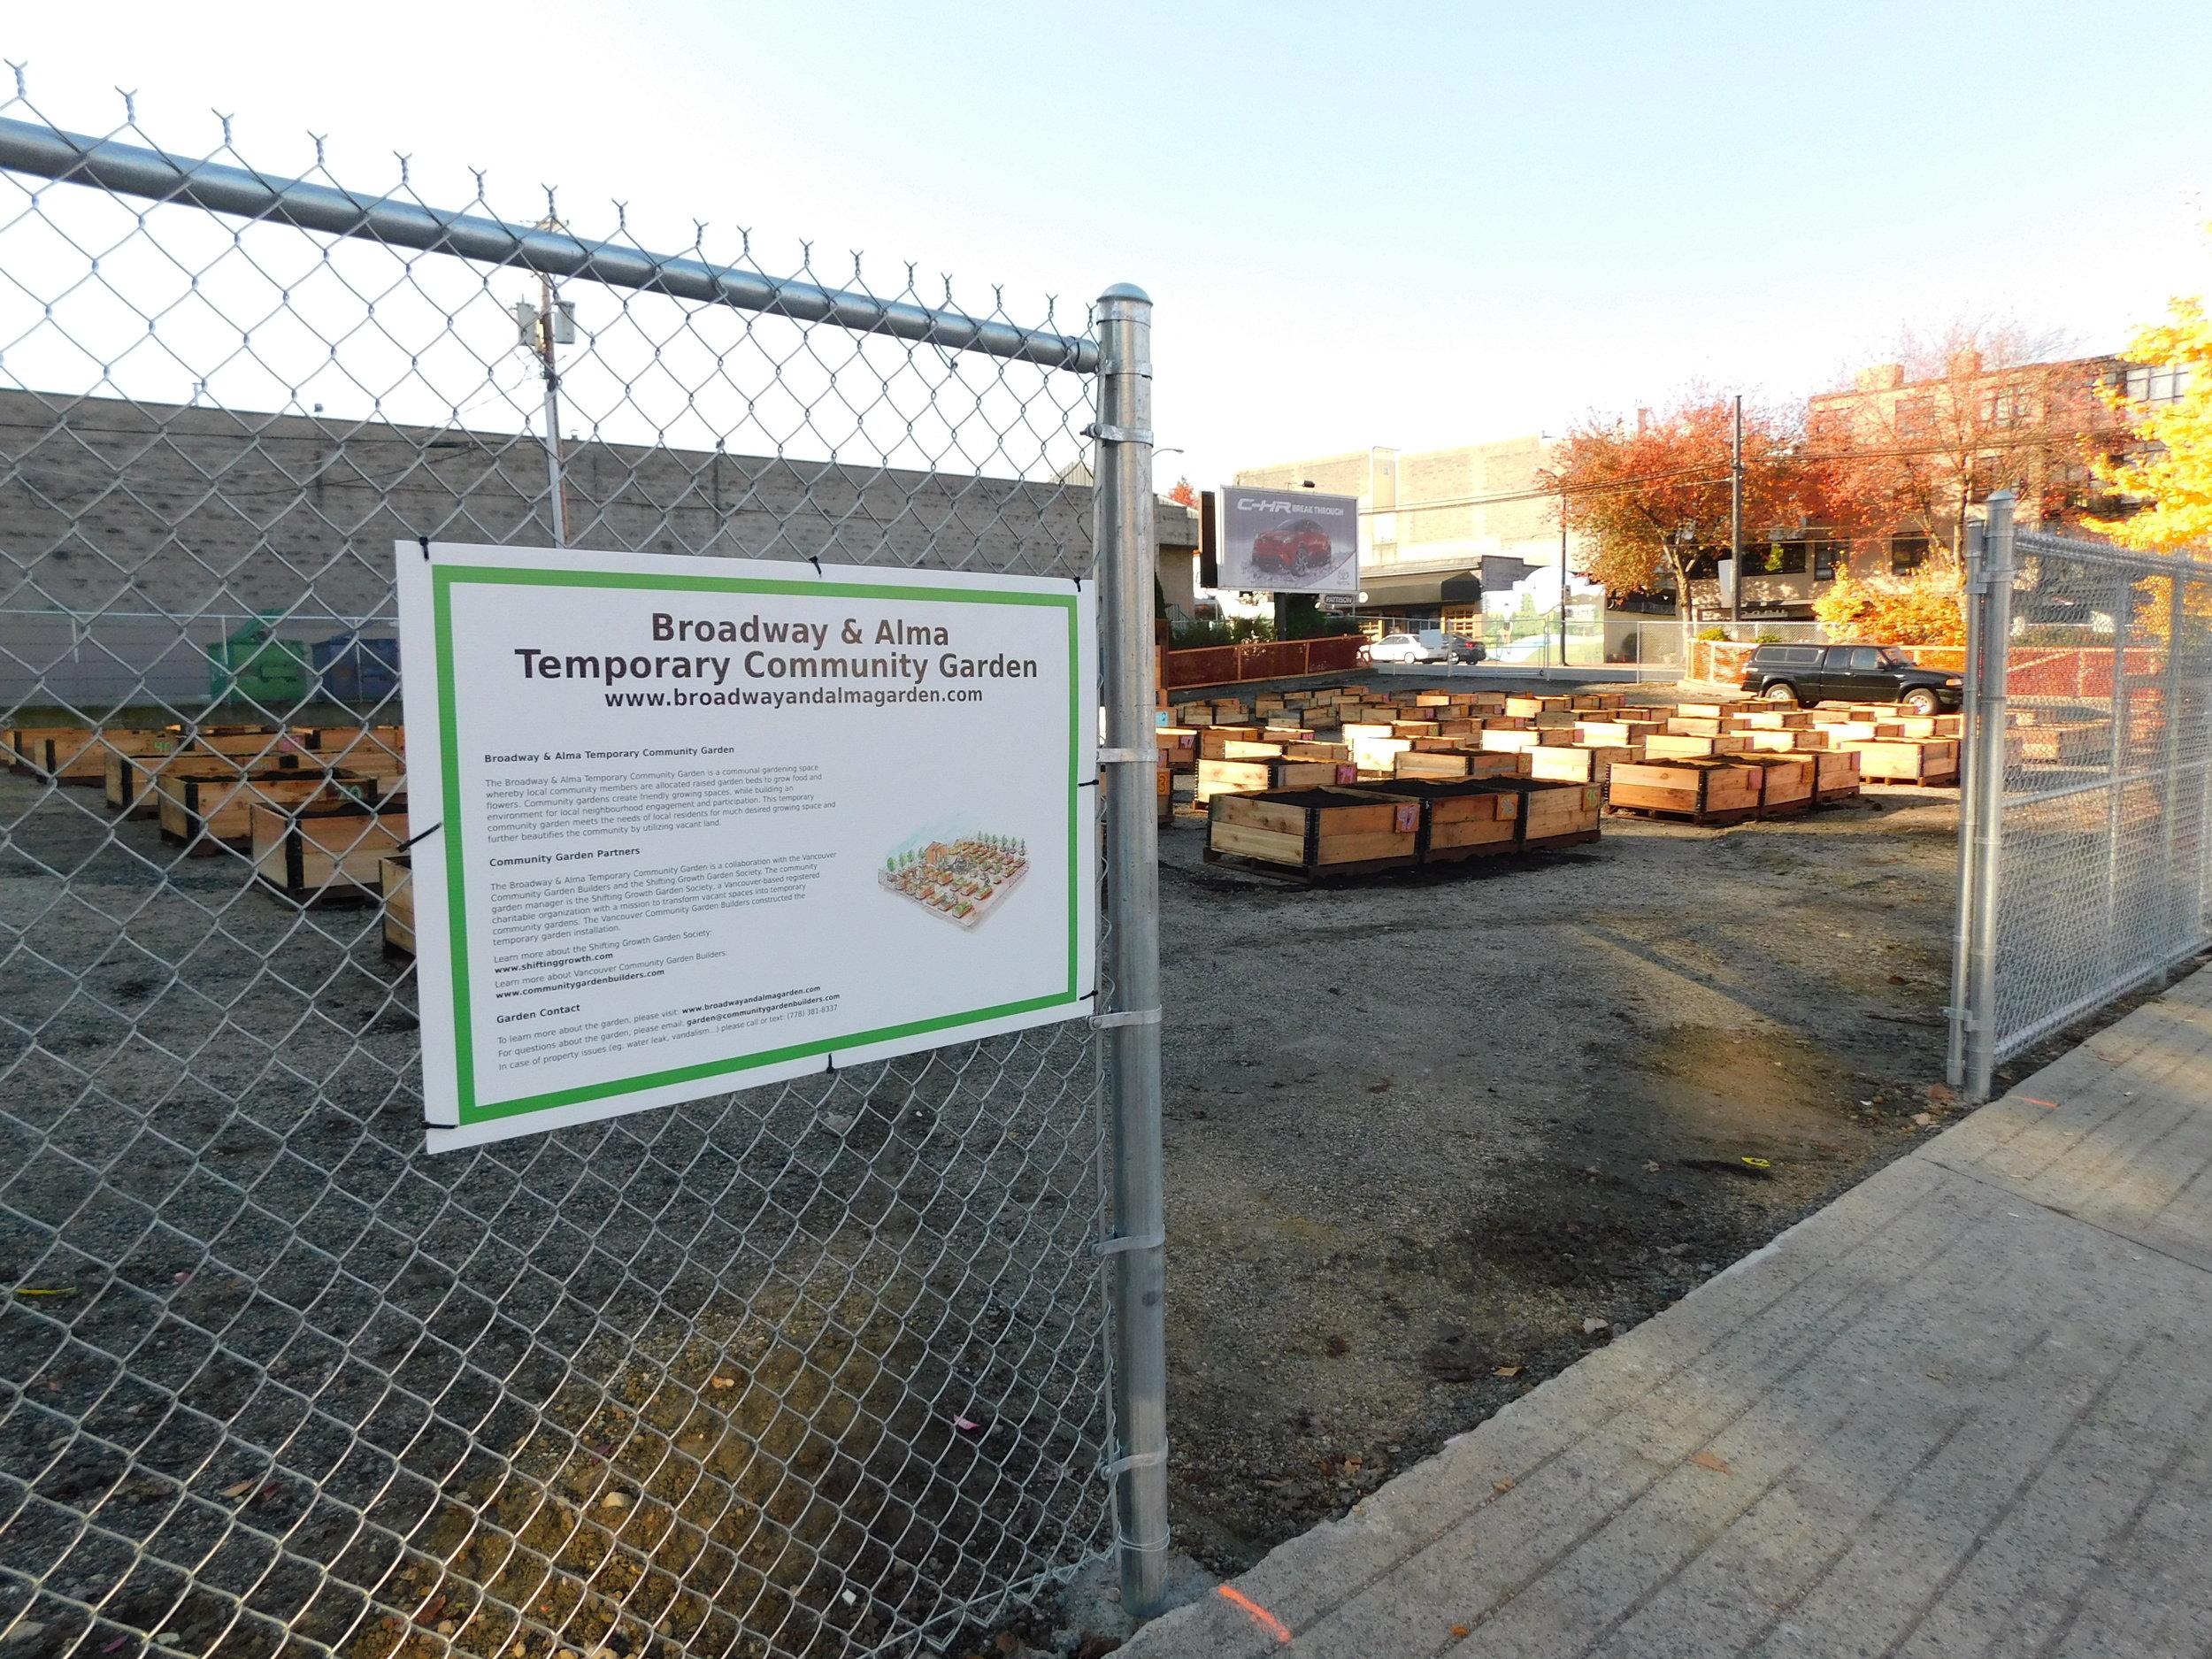 Broadway_Alma_Vancouver_Community_Garden_Builders-0008.JPG